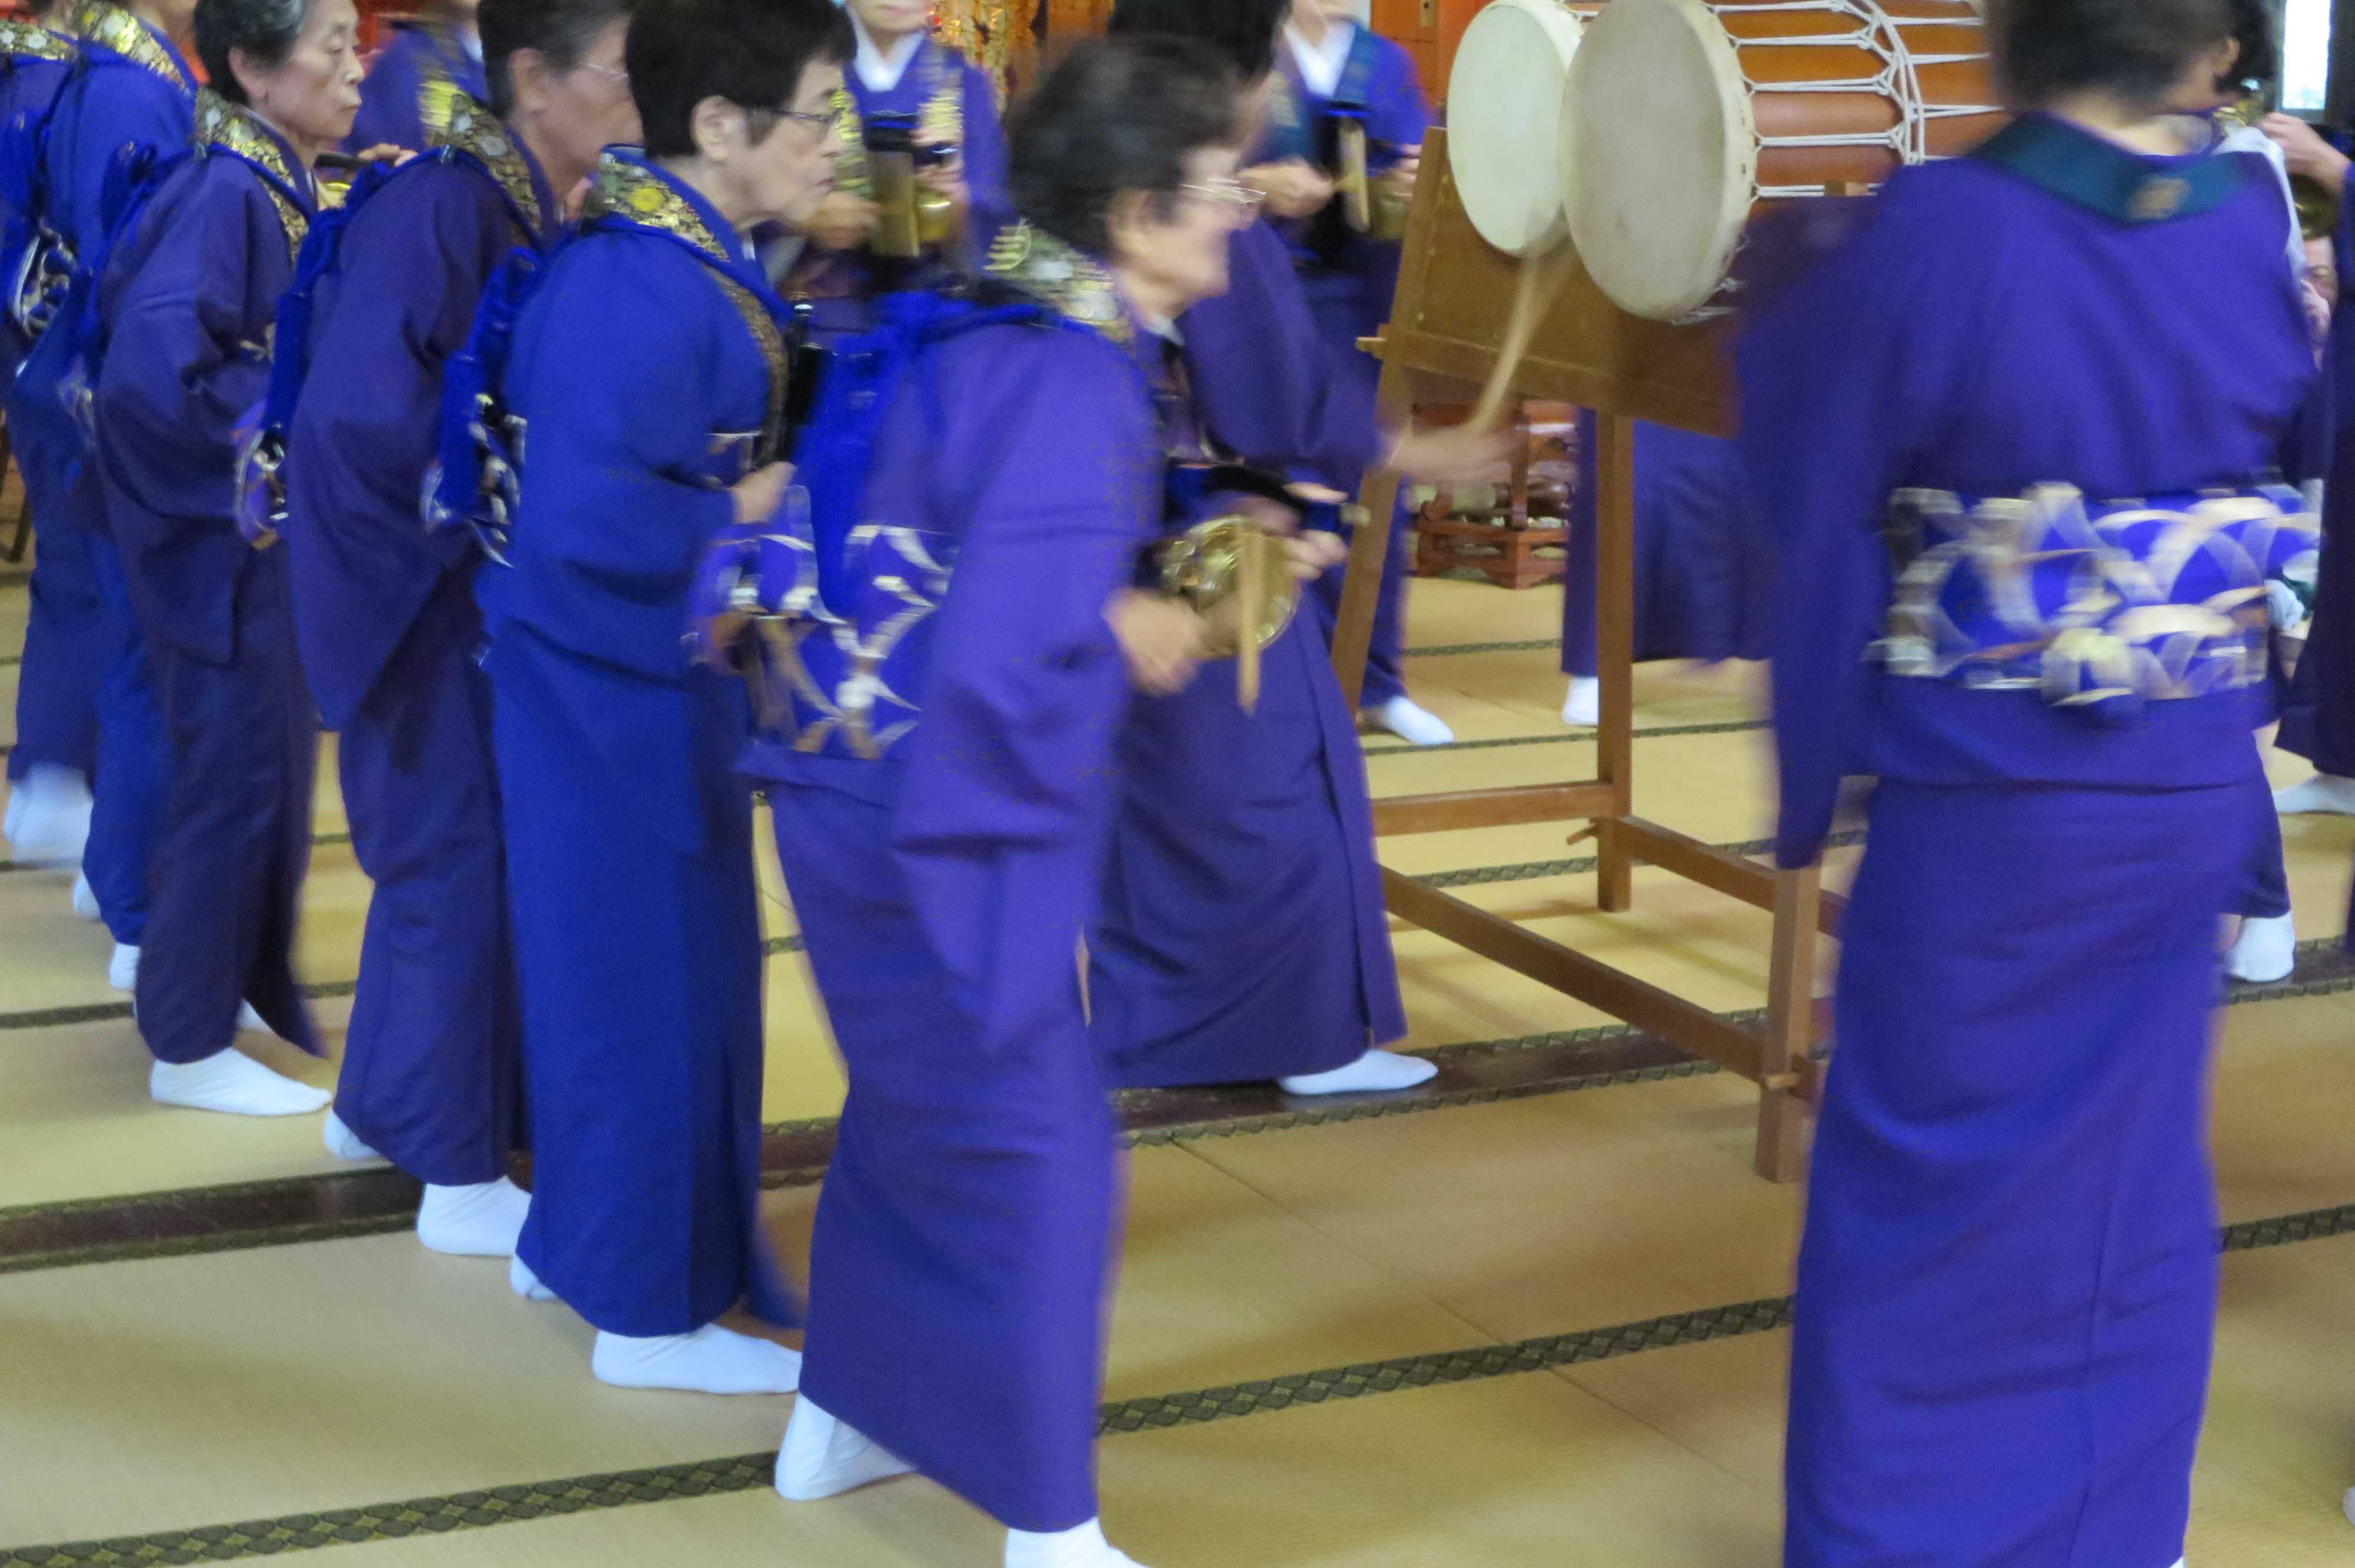 無量光寺の踊り念仏 - 鉦を胸につけ、撞木を手に持った踊り手